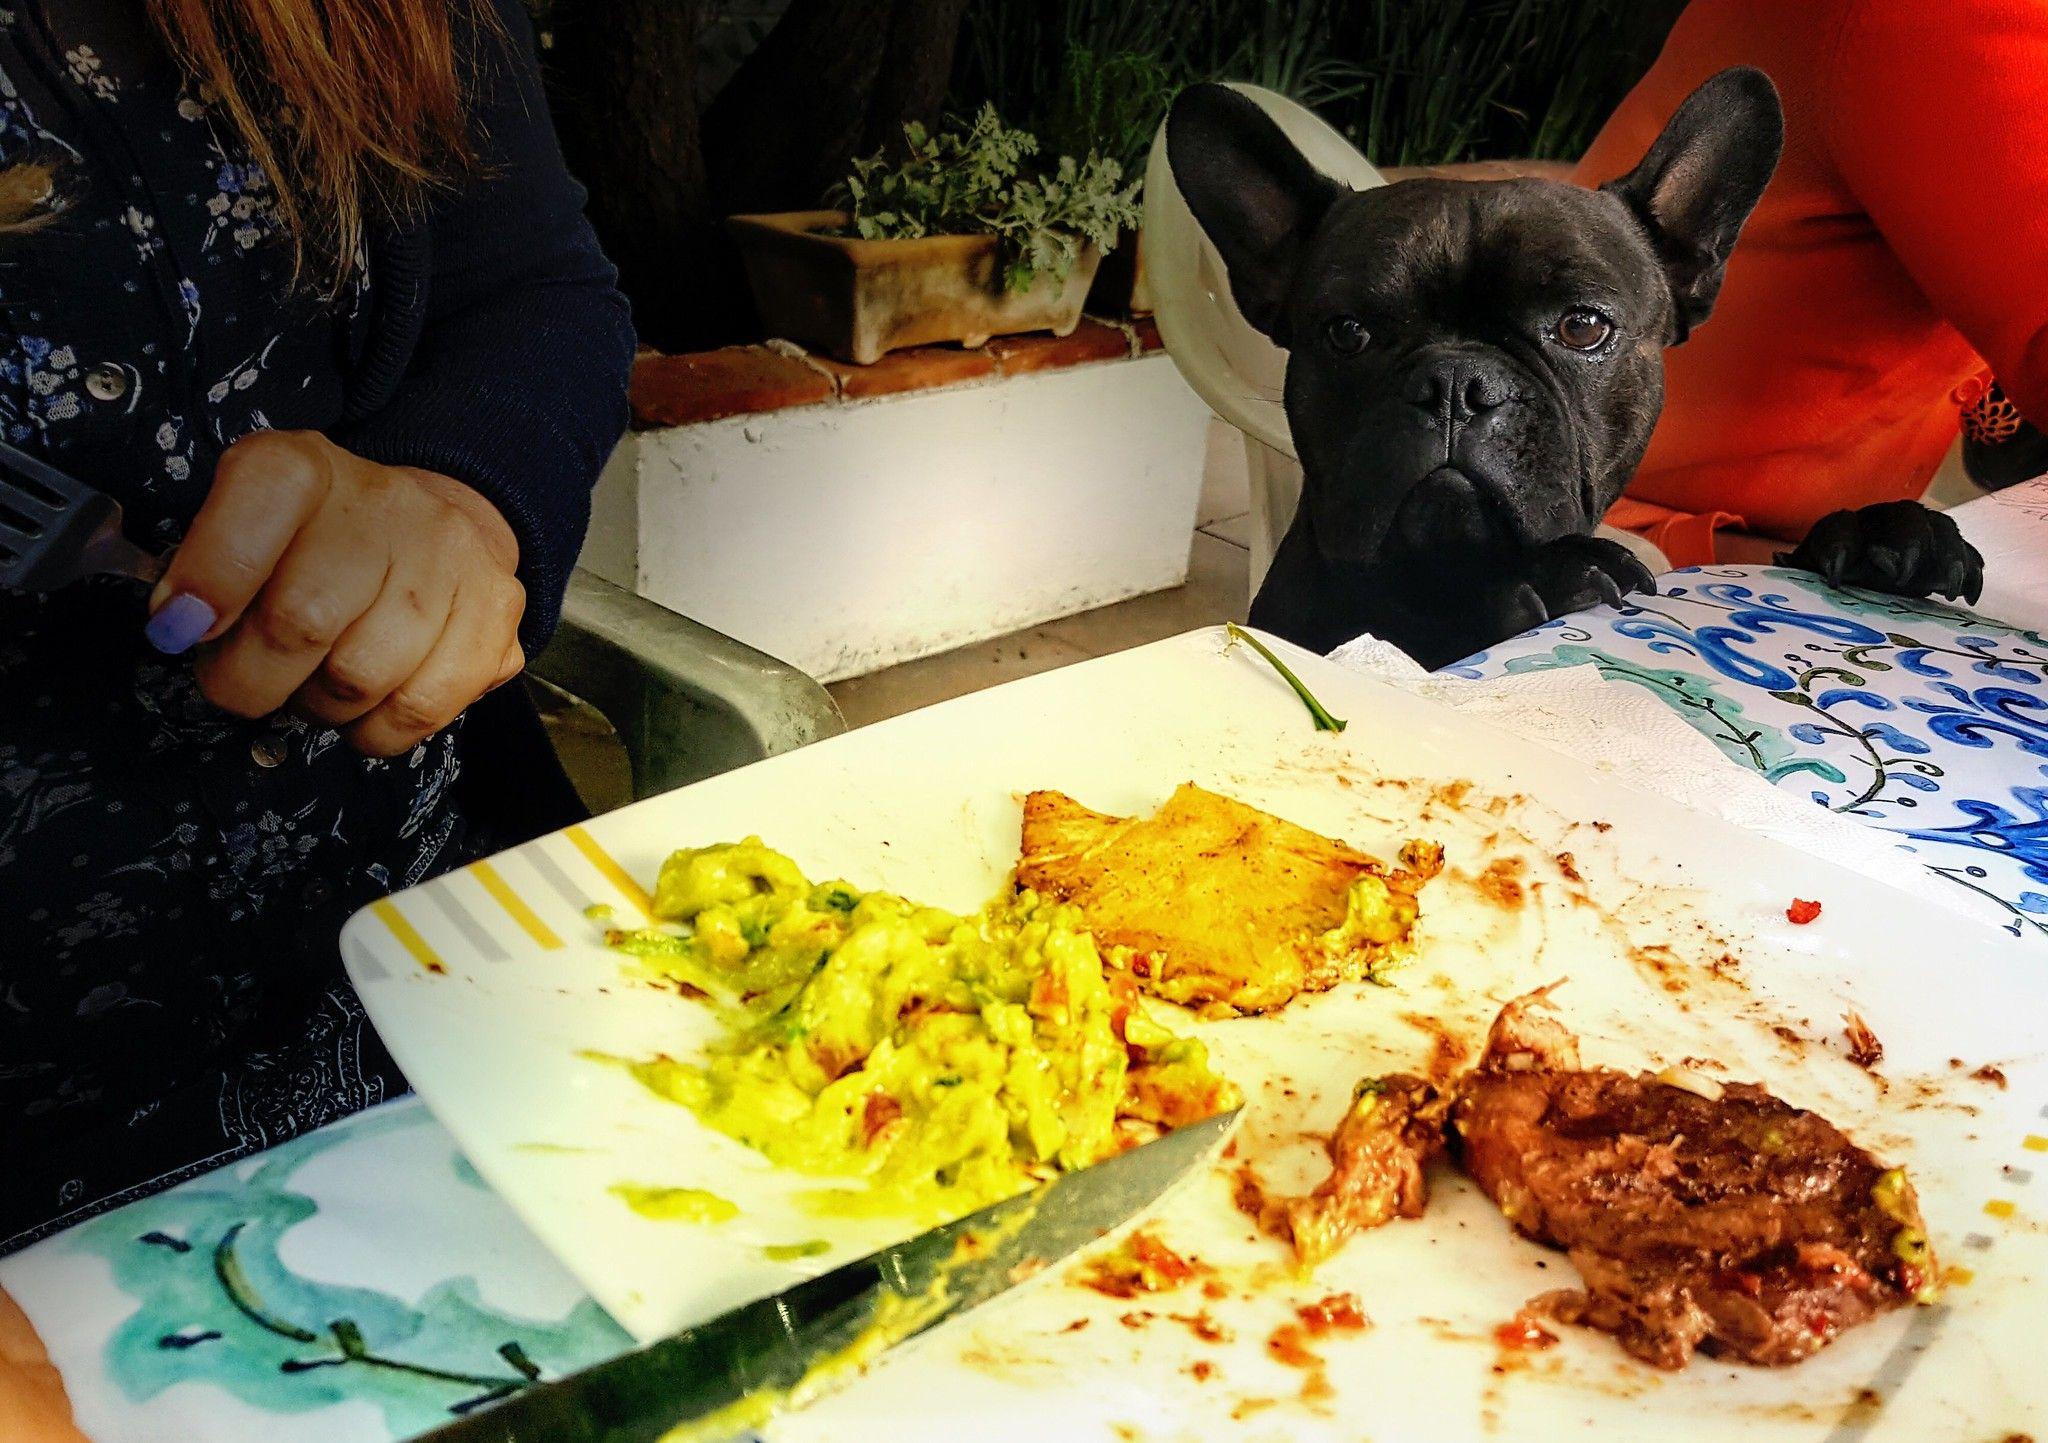 Es La Hora De Comer Y Cenar También Porque Mañana Será Otro Día French Bulldog Bulldog